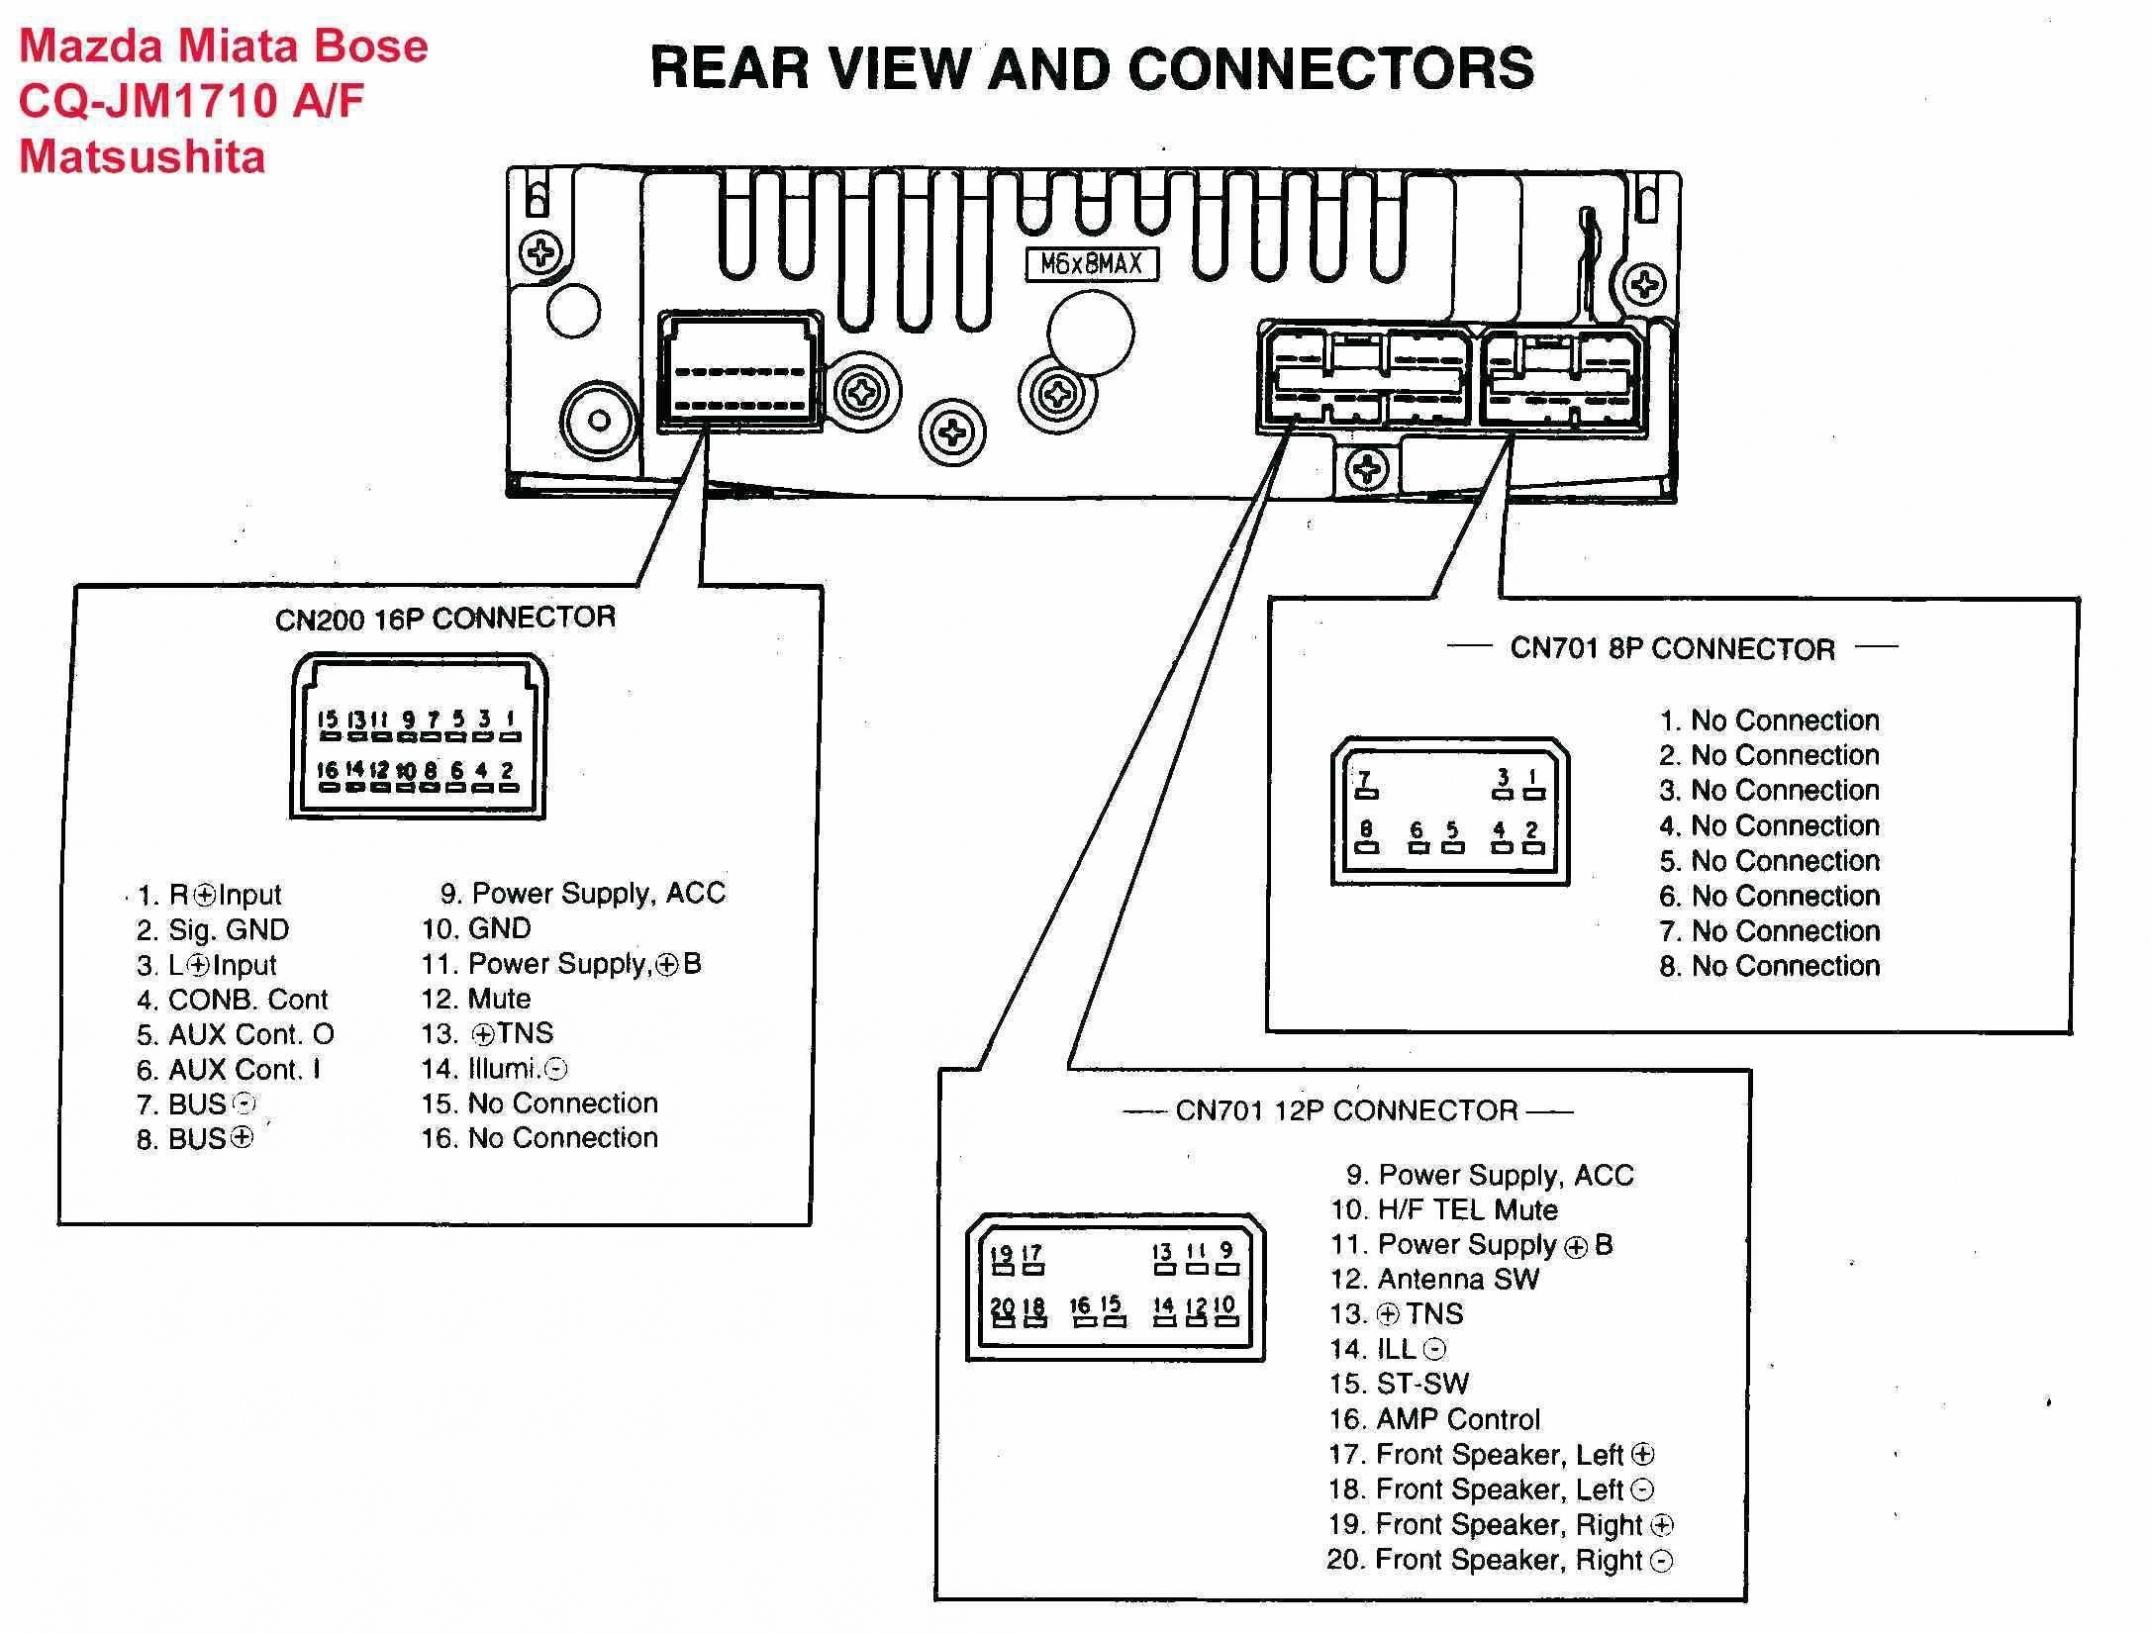 Coil Split Wiring Diagram New Pioneer Head Unit Wiring Diagram - Pioneer Head Unit Wiring Diagram